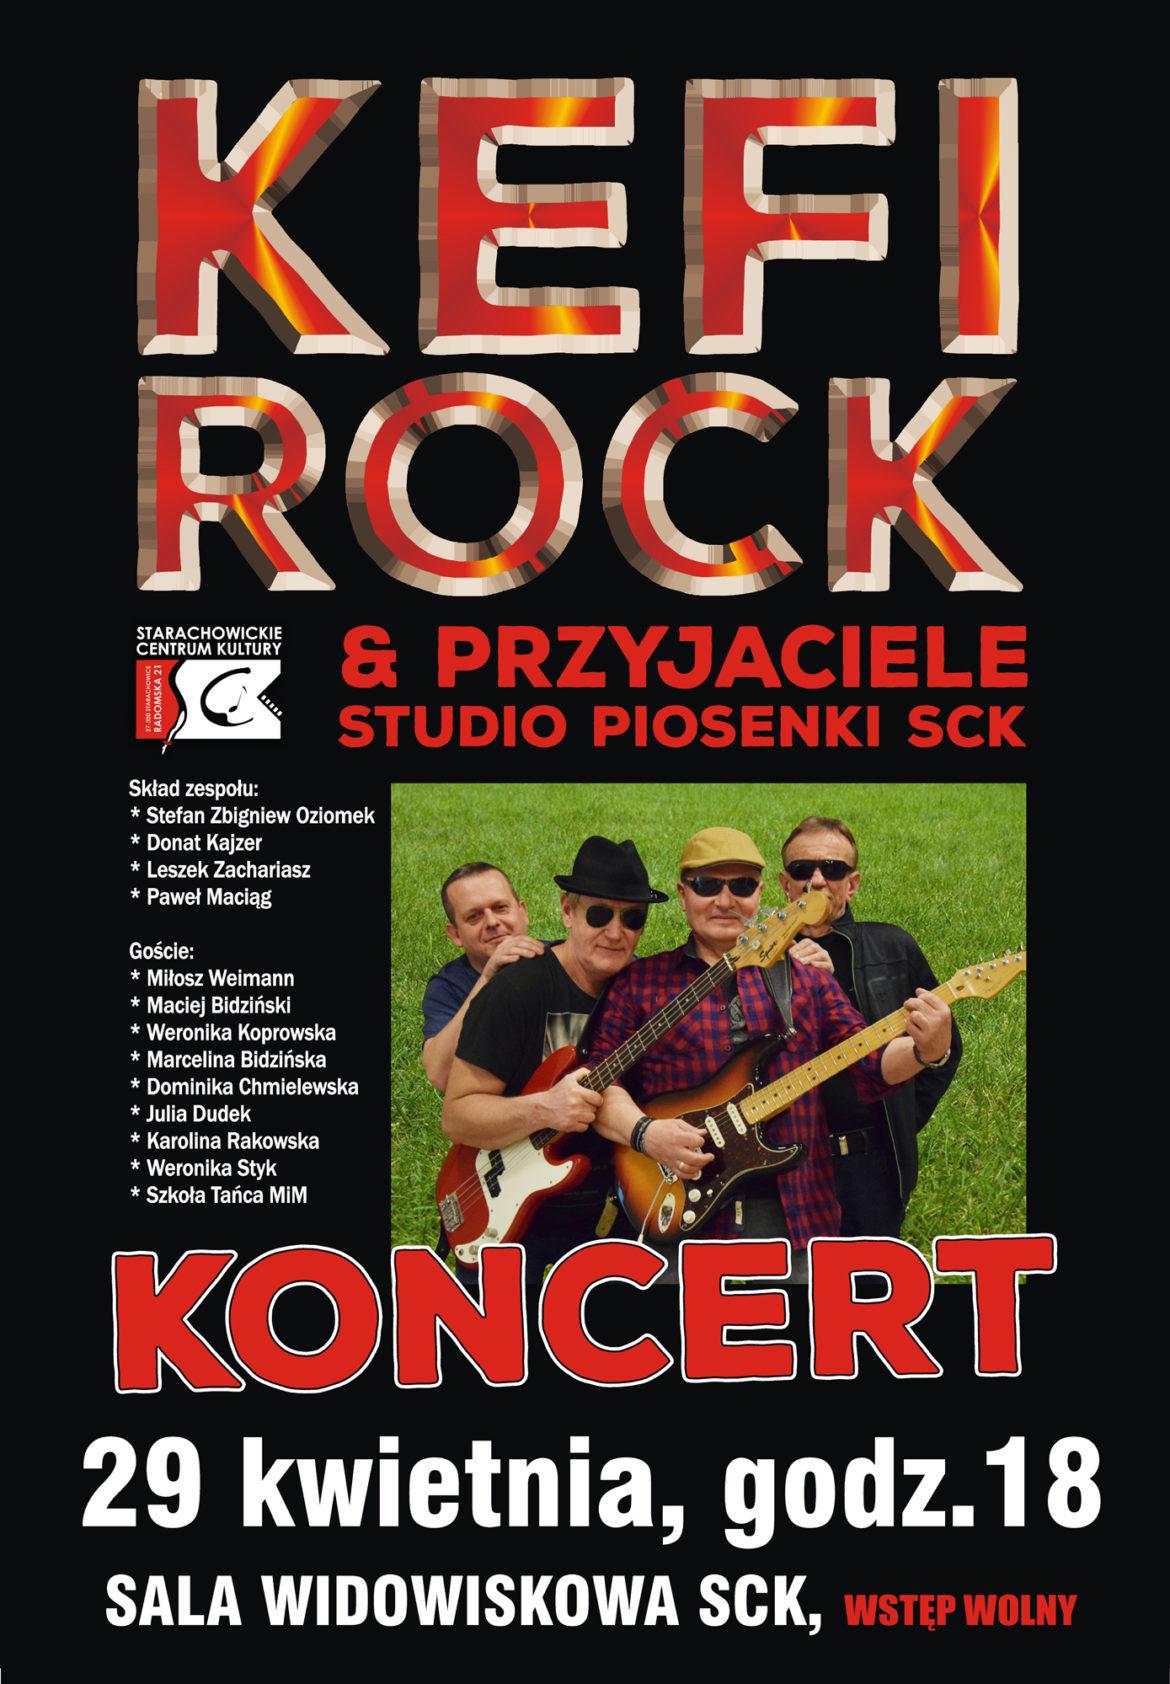 Archiwum SCK. Kefirock & Przyjaciele – Koncert.